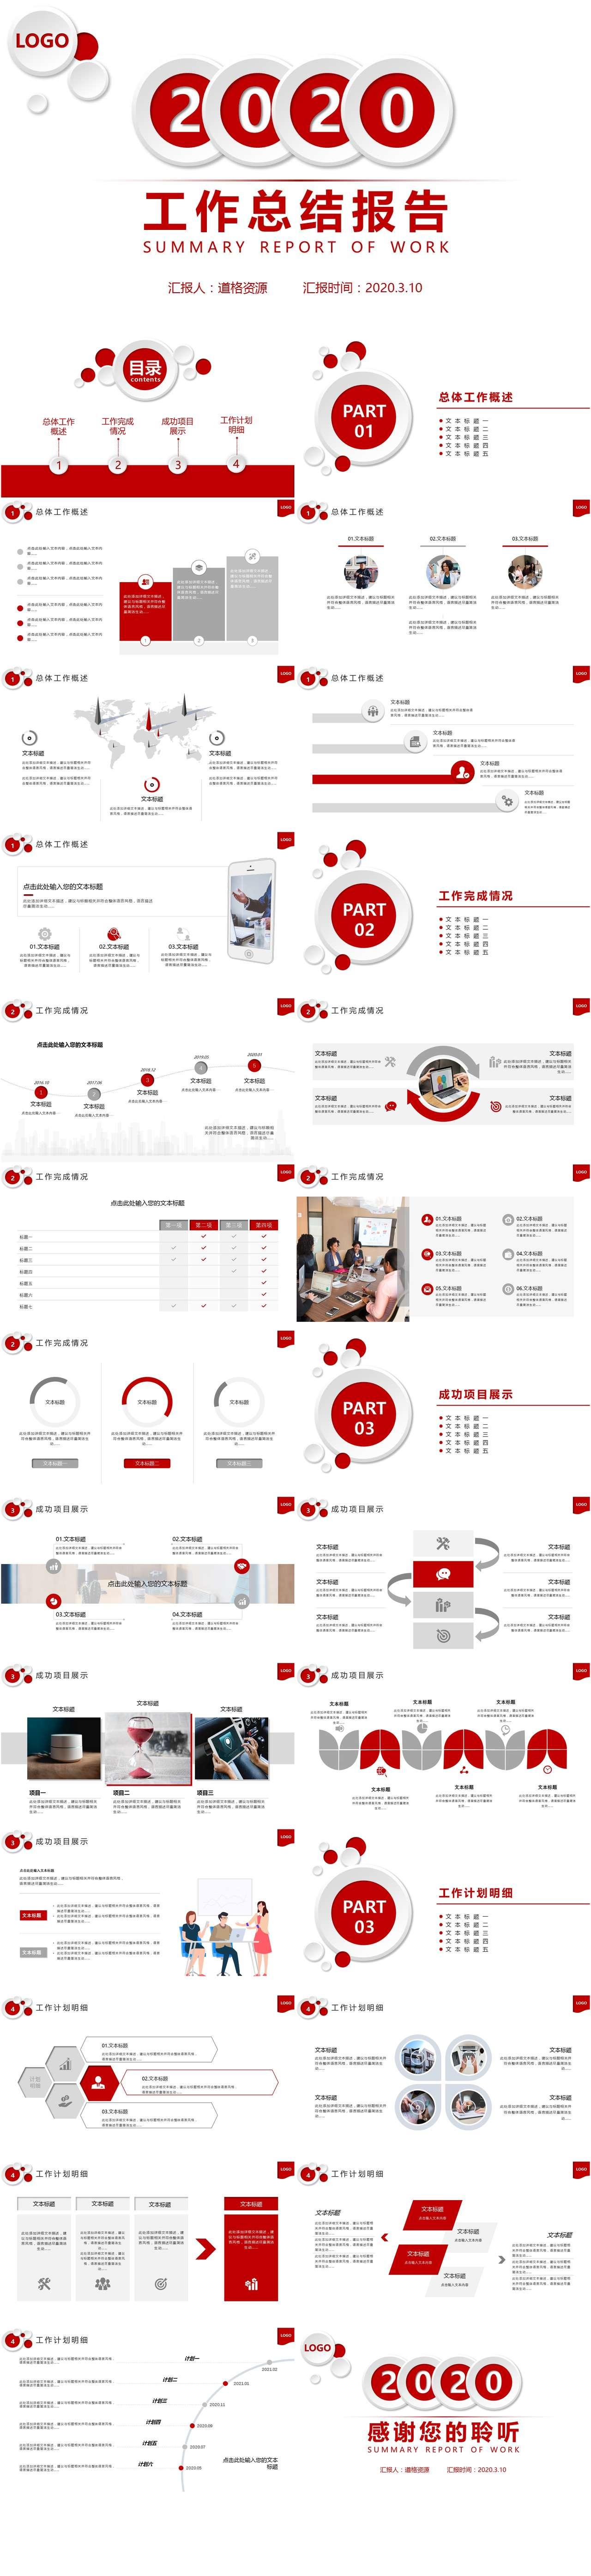 2020红色商务风通用工作总结暨工作计划PPT模板插图1